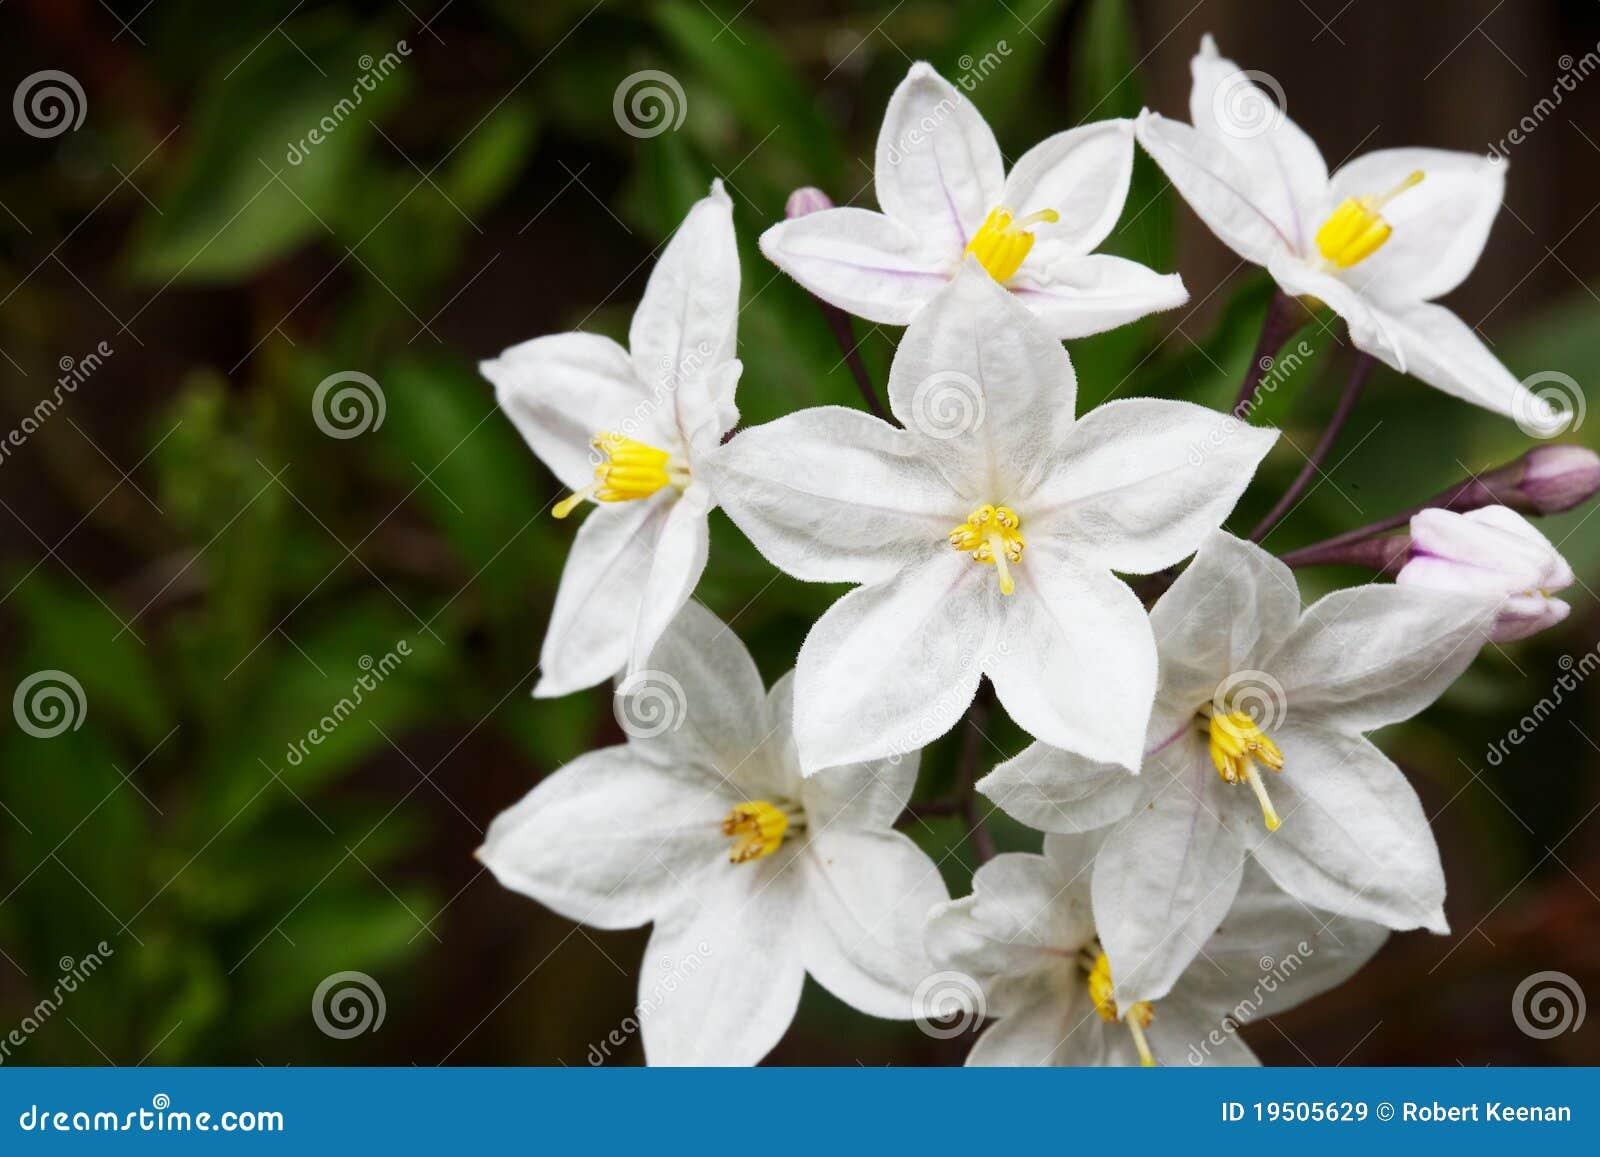 groupe de fleurs de vigne de pomme de terre image stock image du nature fleur 19505629. Black Bedroom Furniture Sets. Home Design Ideas